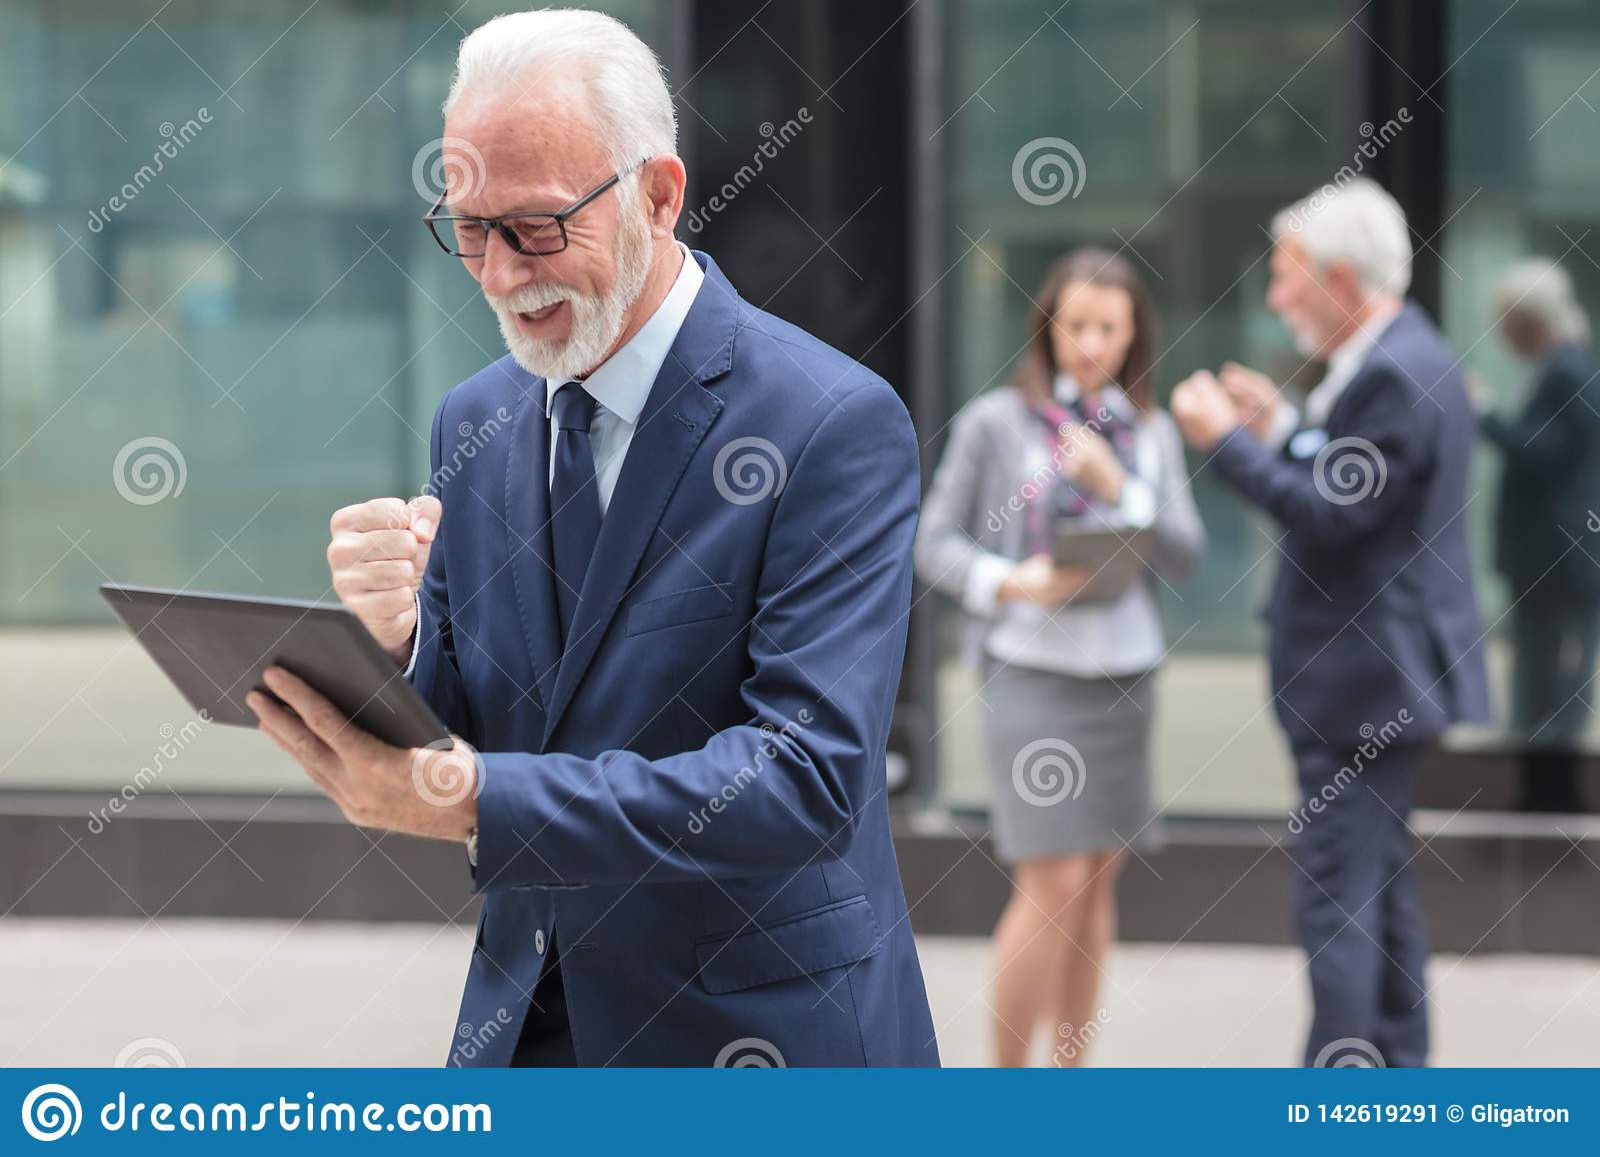 Szczęśliwy starszy biznesmen używa pastylkę, stoi przed budynkiem biurowym